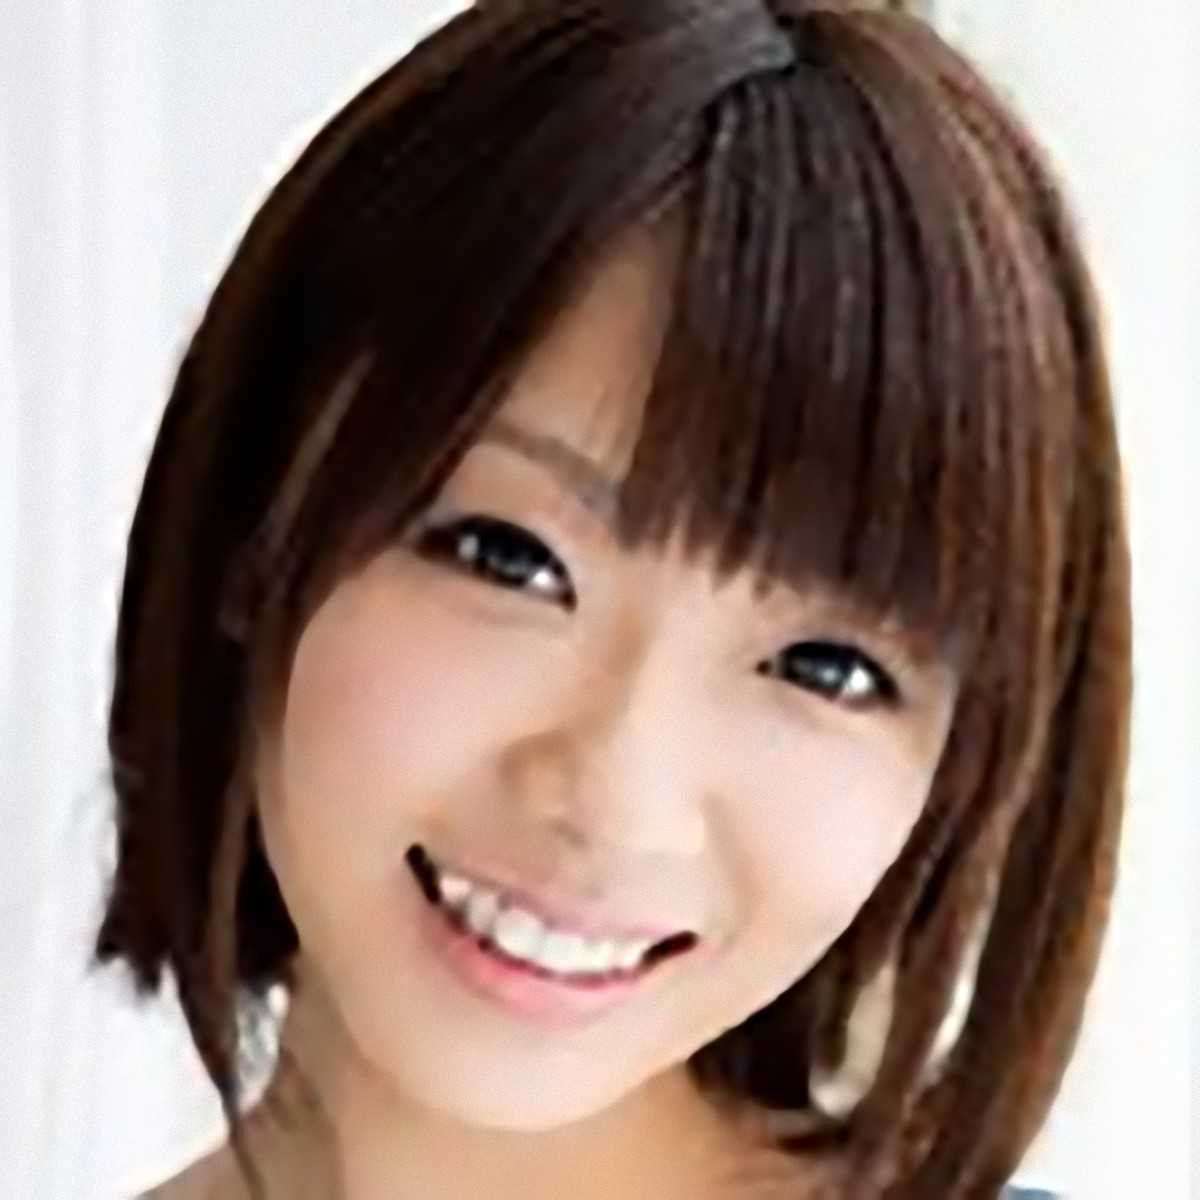 城麻美さんのプロフィールと画像集 | AV女優画像-ラブコアラ-